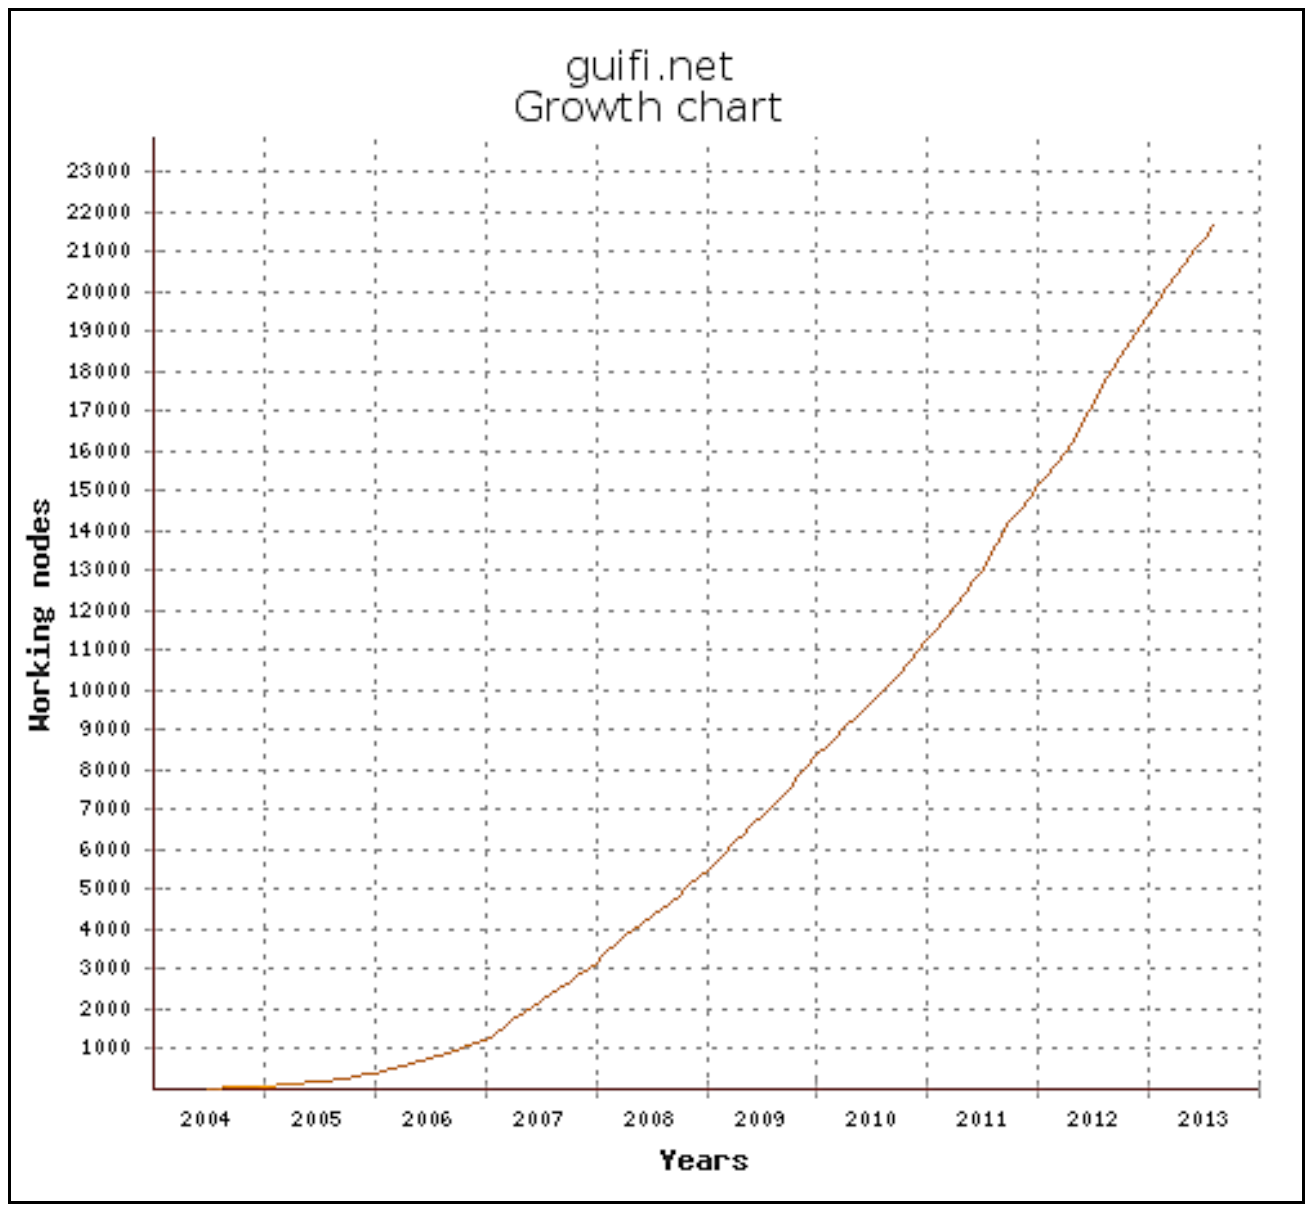 Figure 6 ? Growth of Guifi.net working nodes